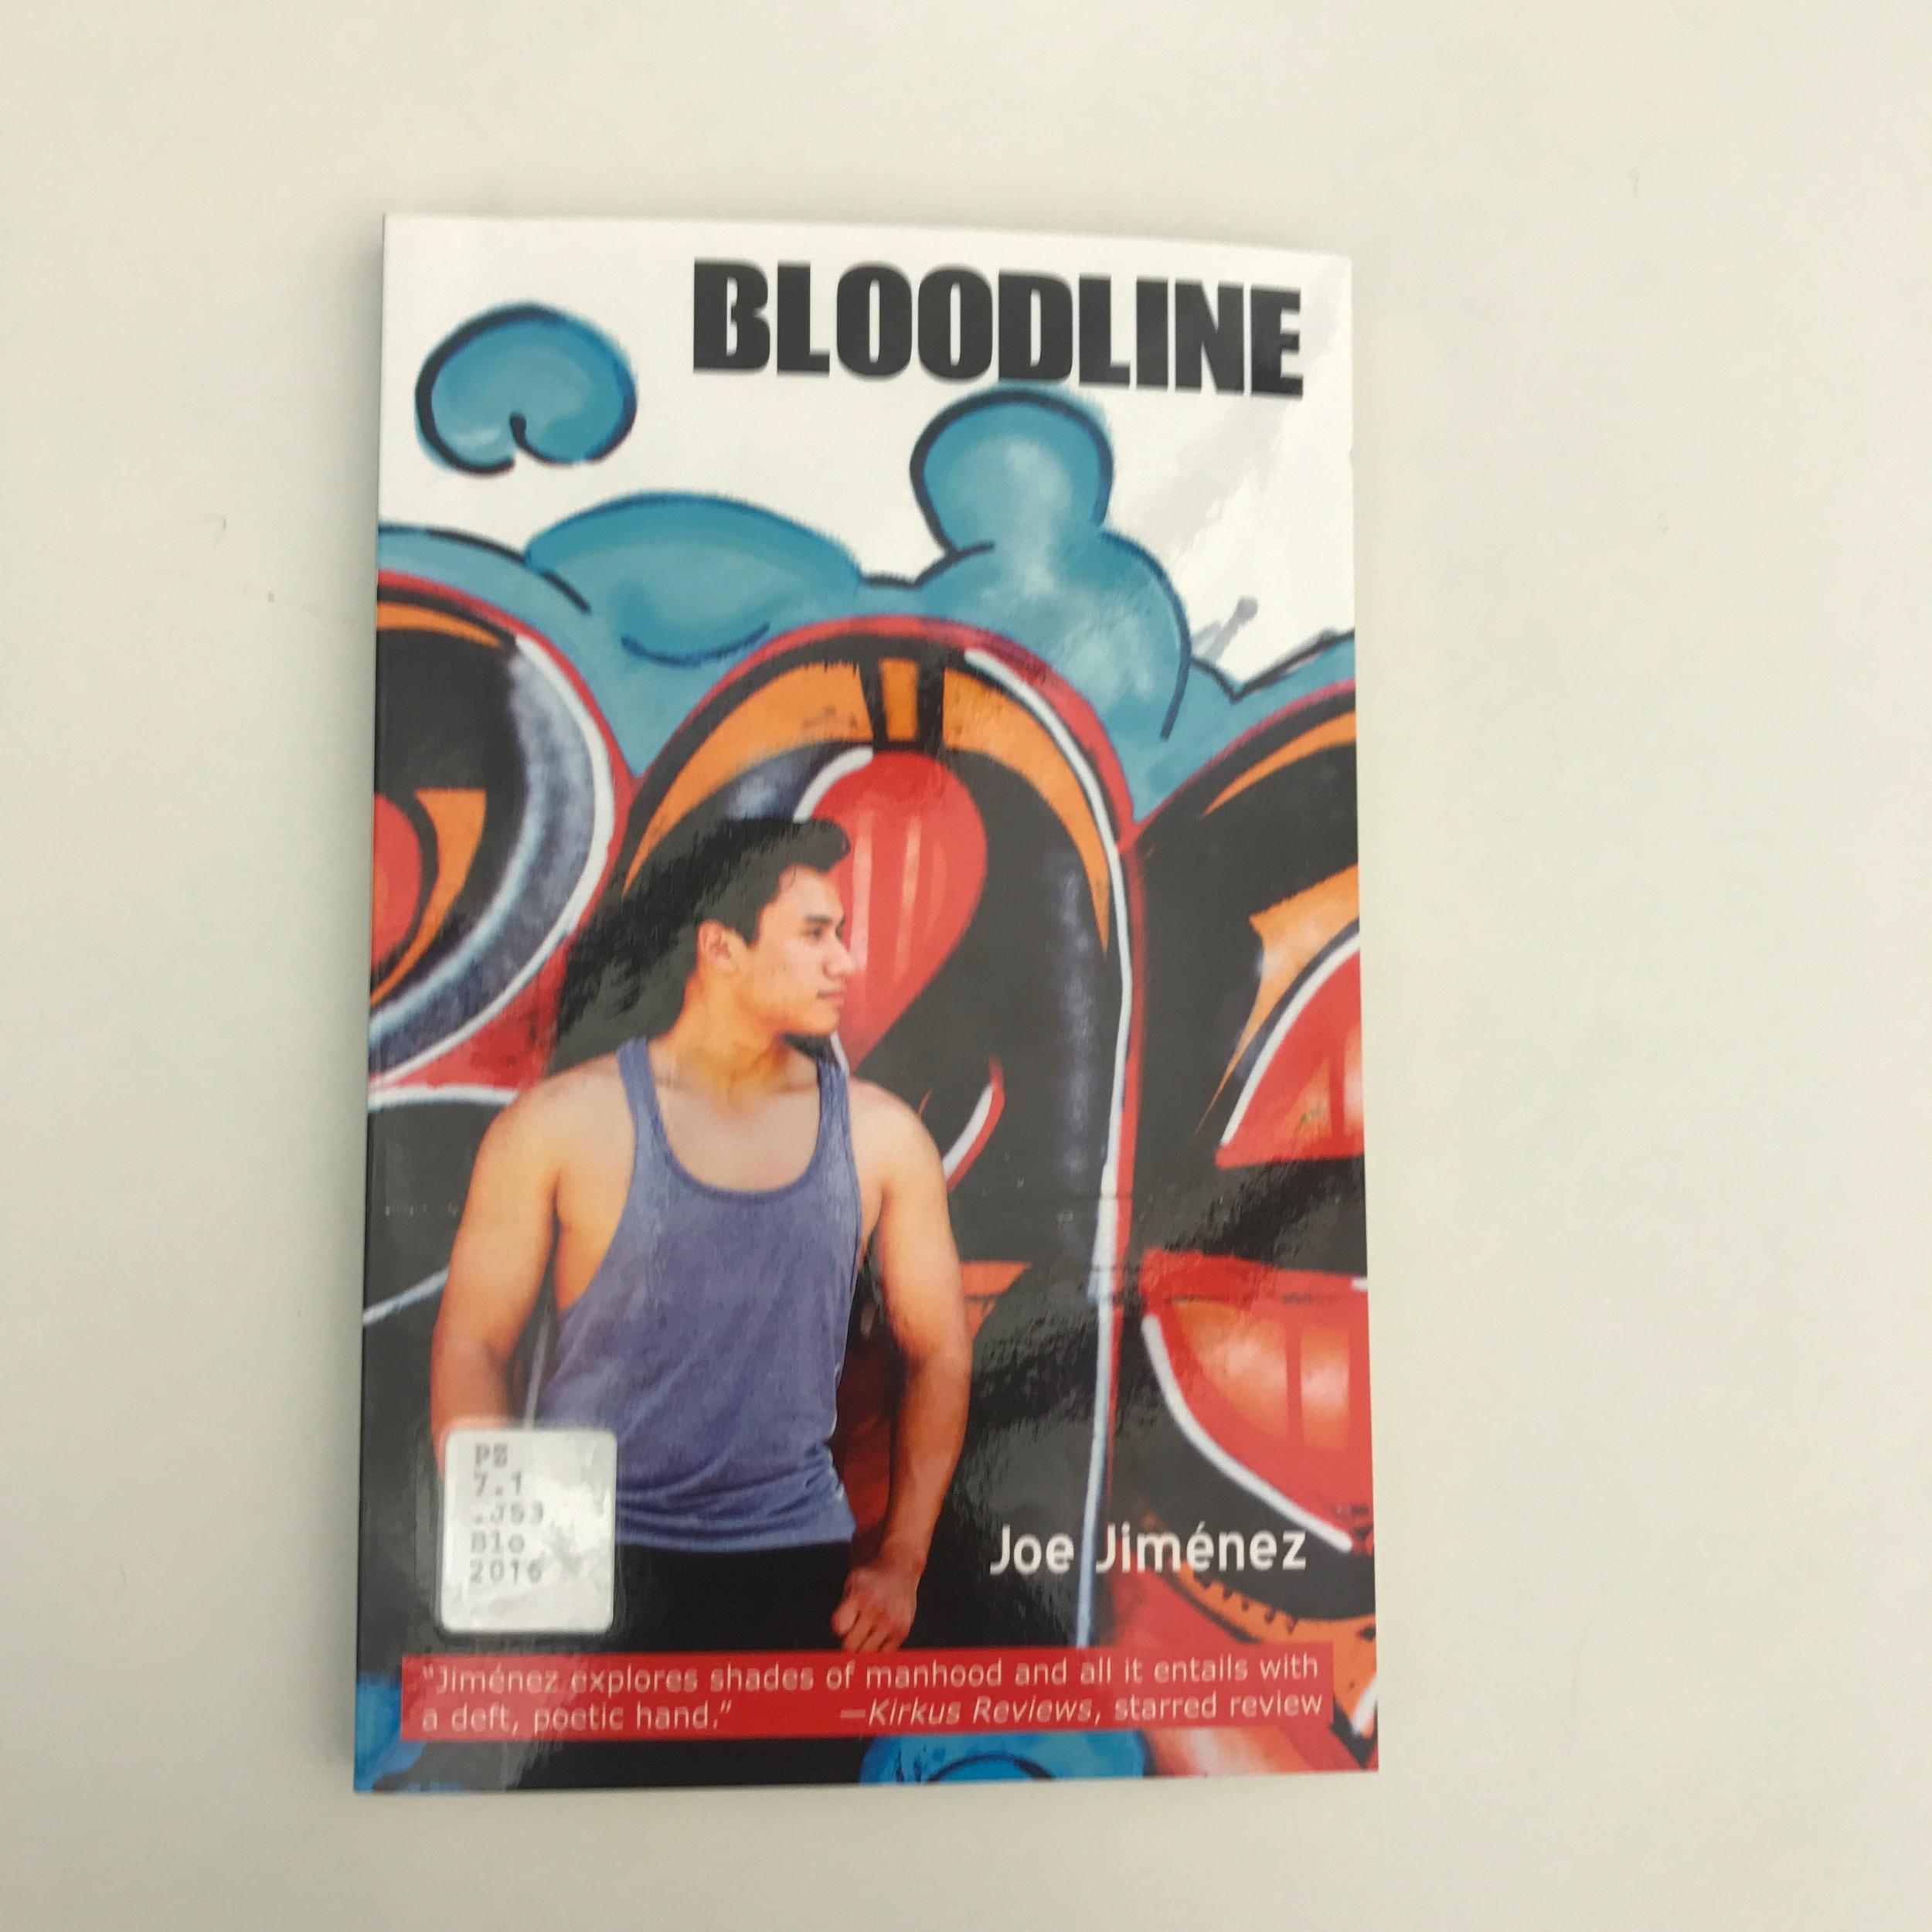 Bloodline by Joe Jimenez